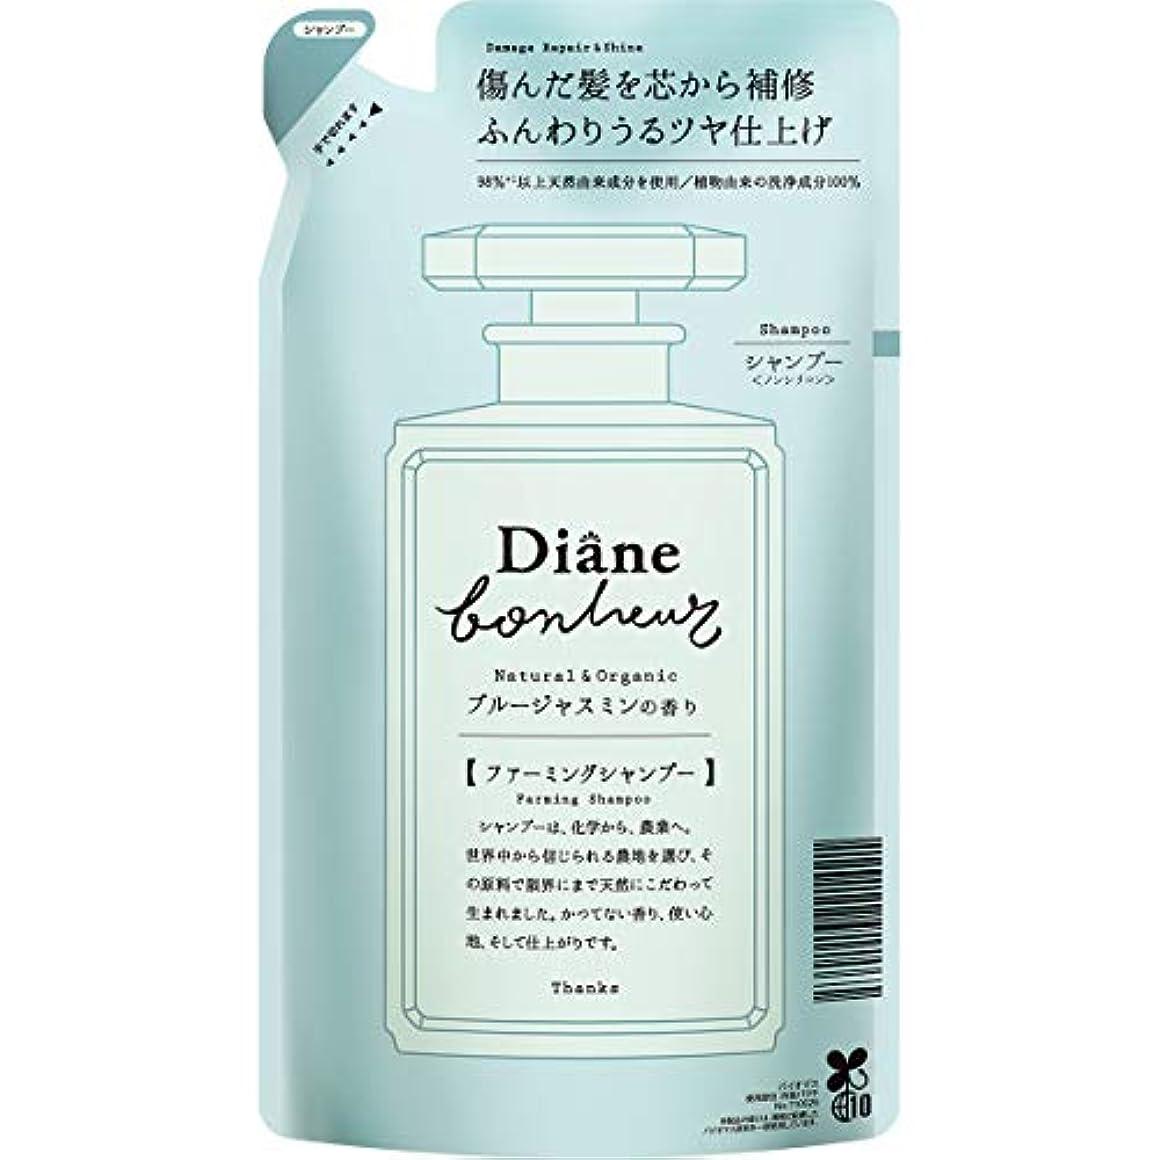 添加剤ピーク生理ダイアン ボヌール シャンプー ブルージャスミンの香り ダメージリペア&シャイン 詰め替え 400ml